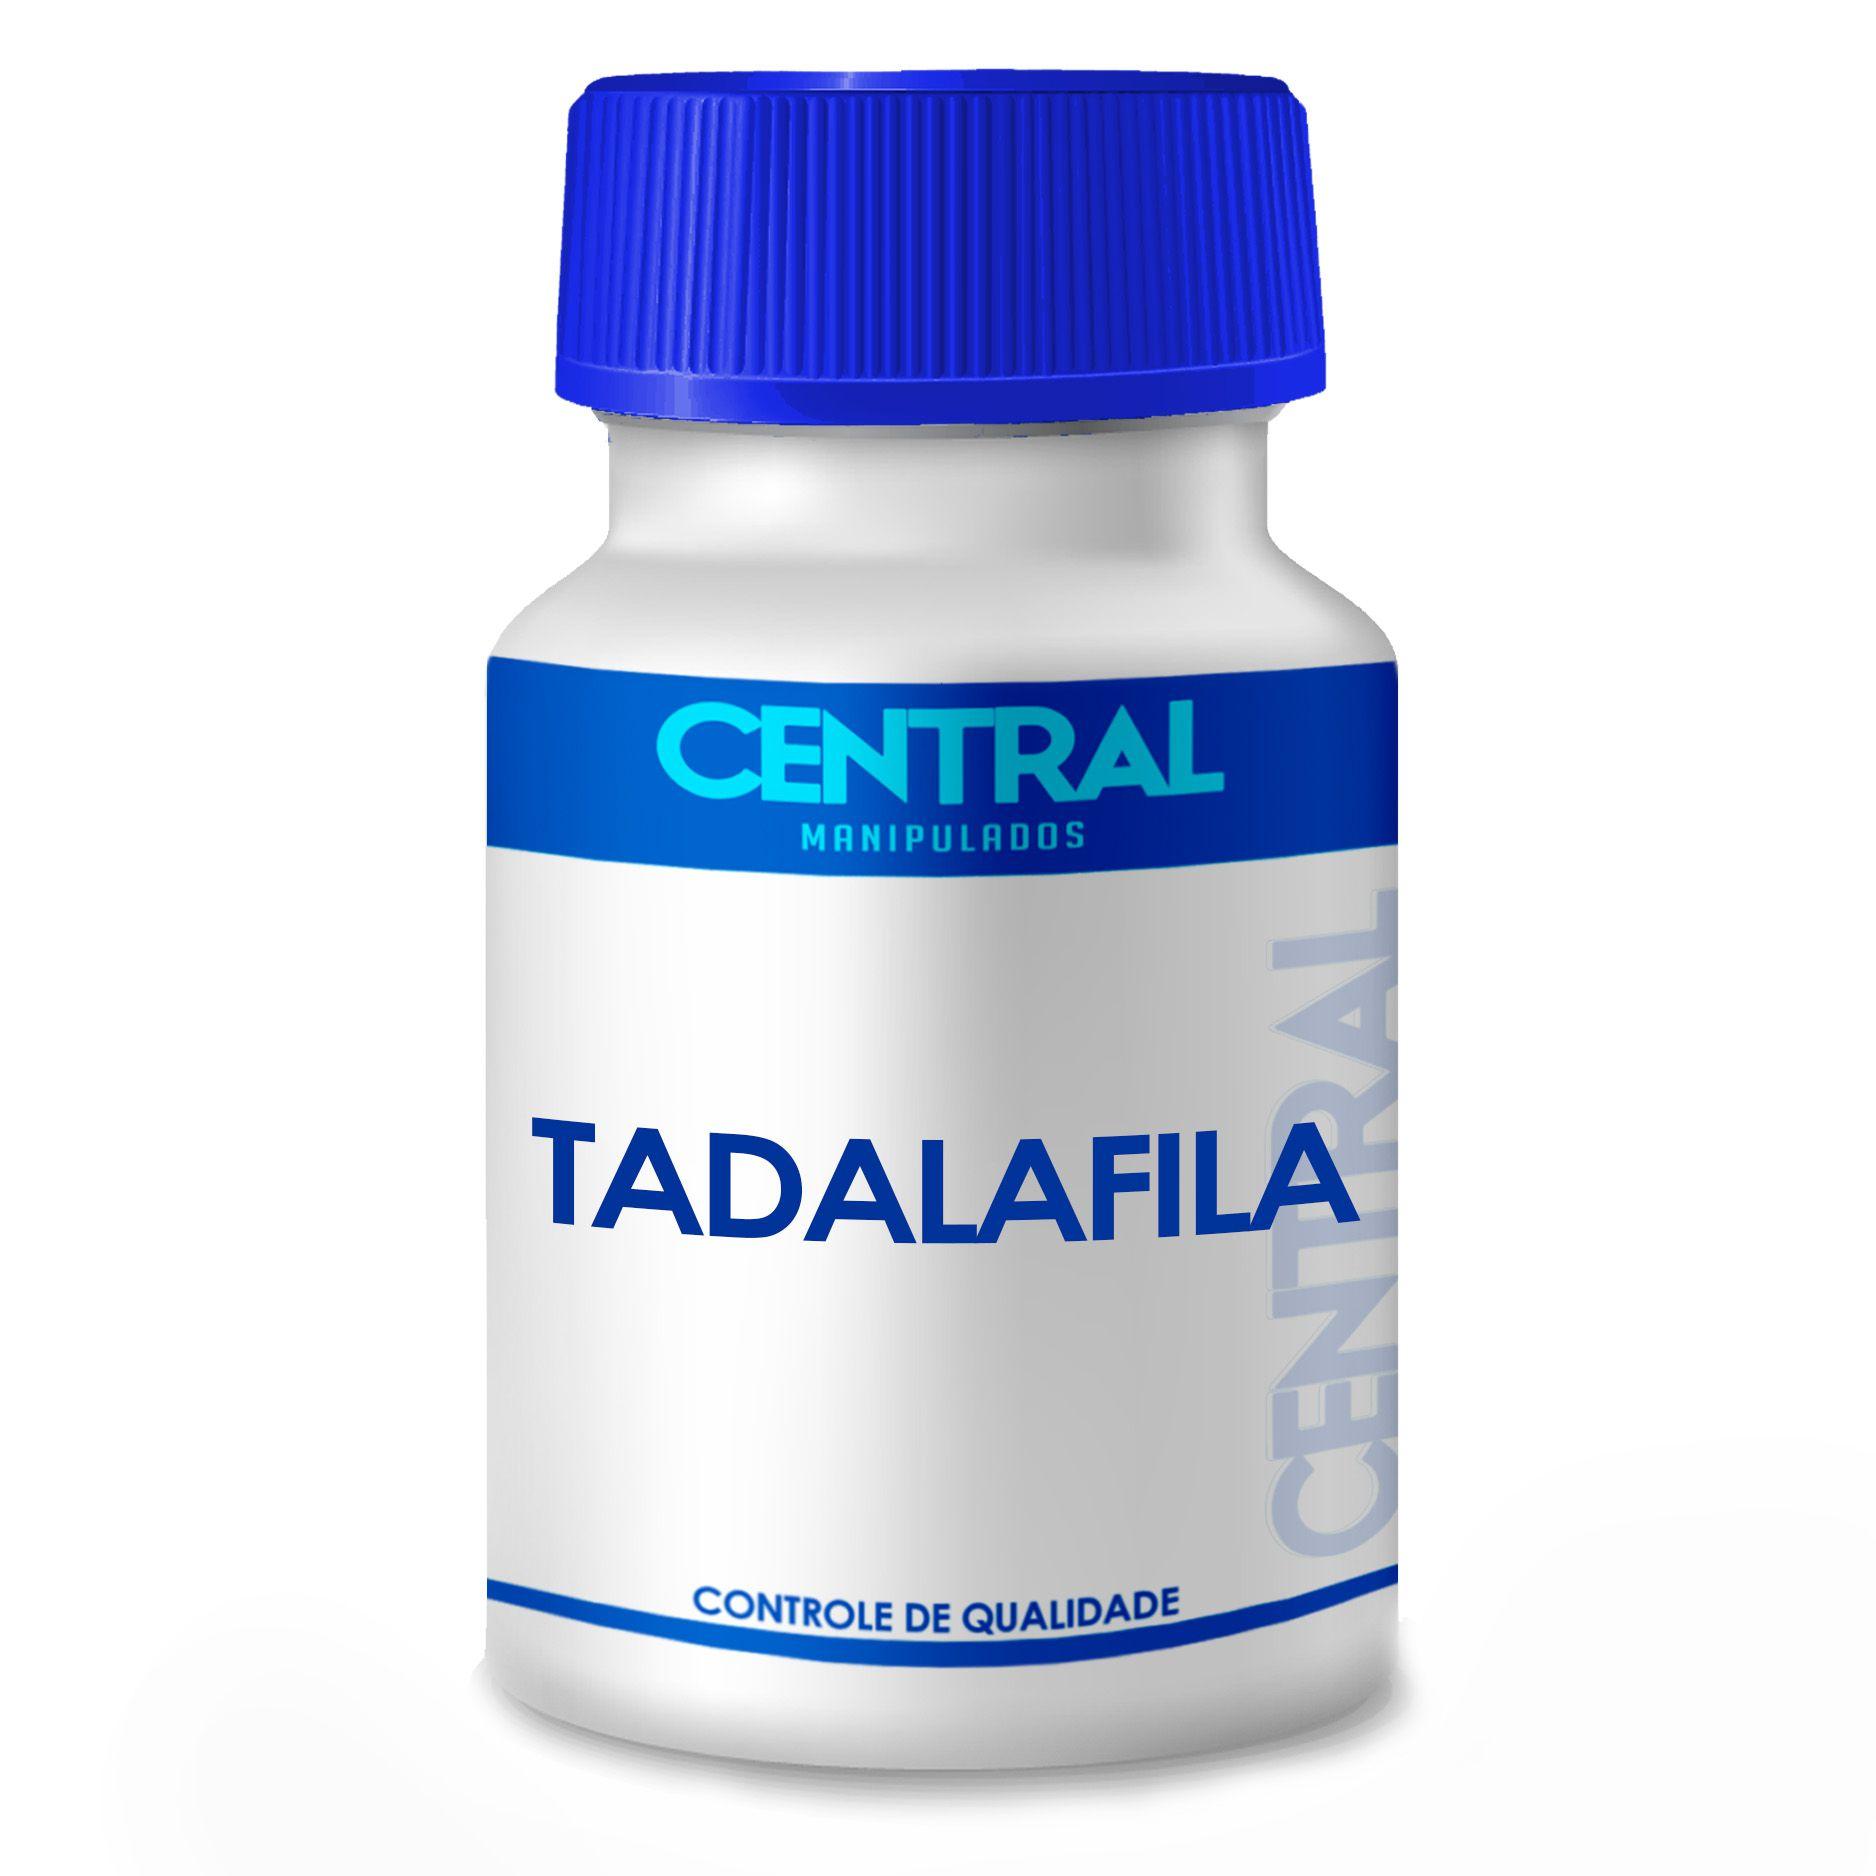 Tadalafila 5mg 30 cápsulas - tratamento da disfunção erétil